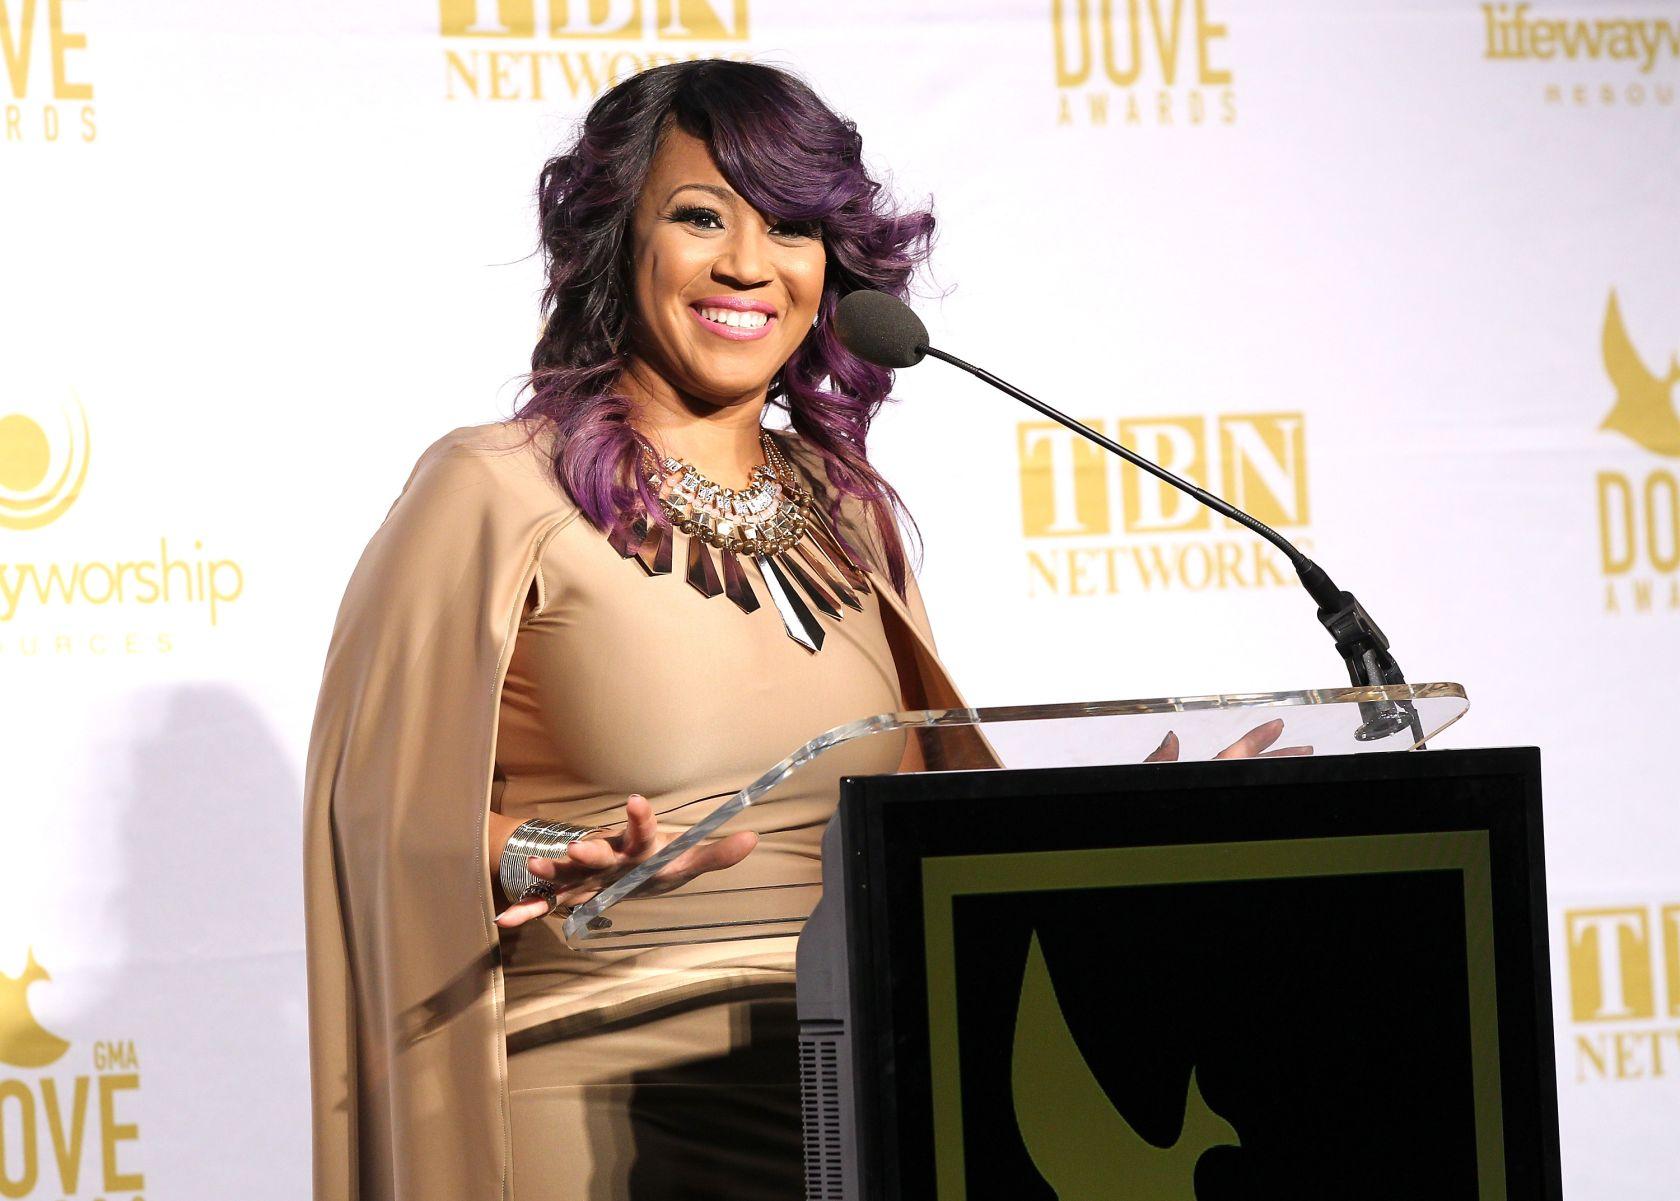 46th Annual GMA Dove Awards - Press Room